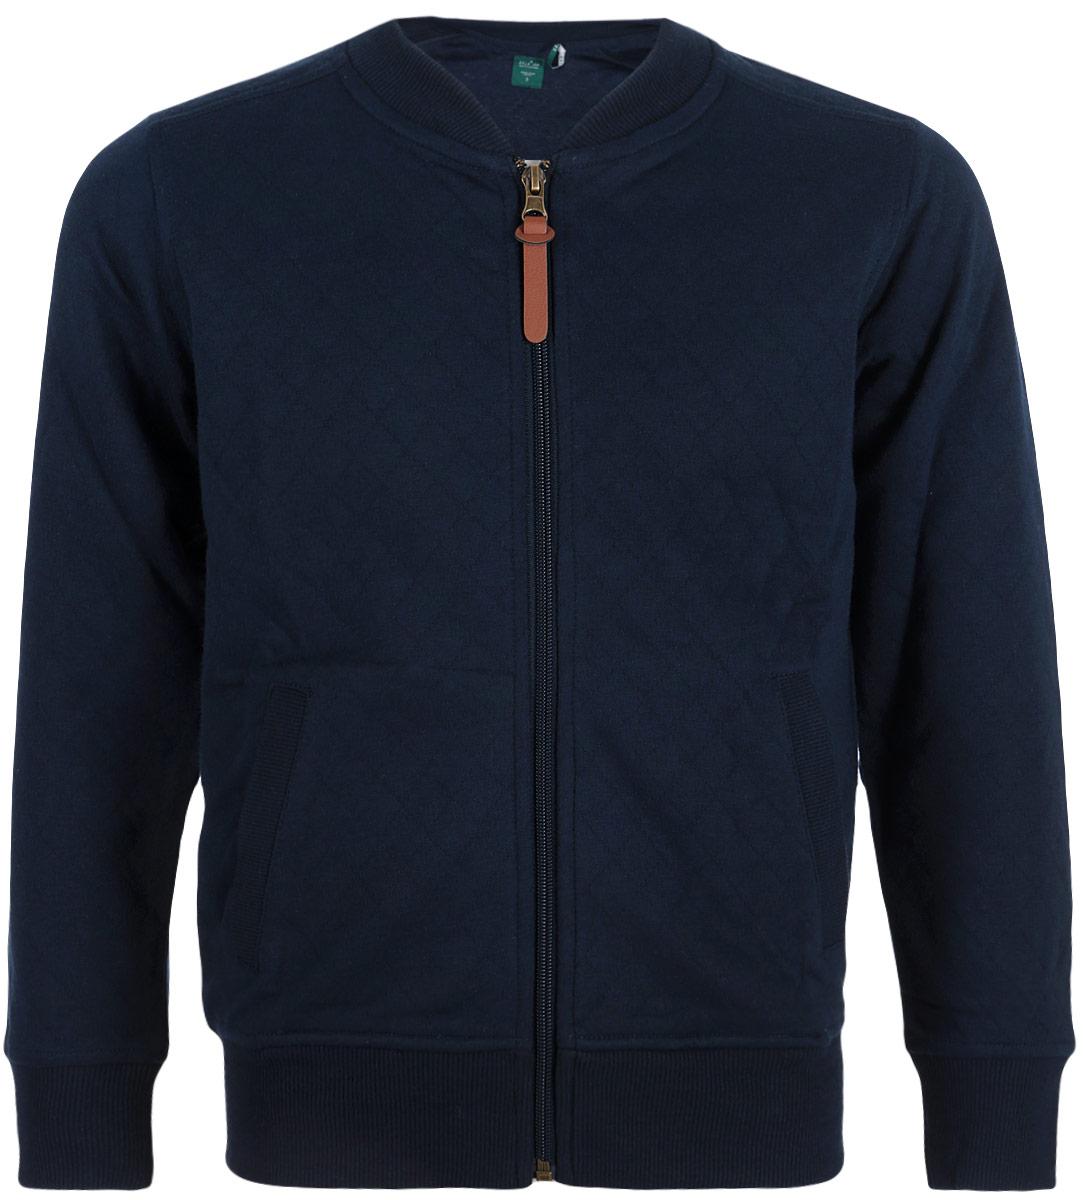 Куртка для мальчика Sela, цвет: темно-синий. Stc-813/180-8310. Размер 128